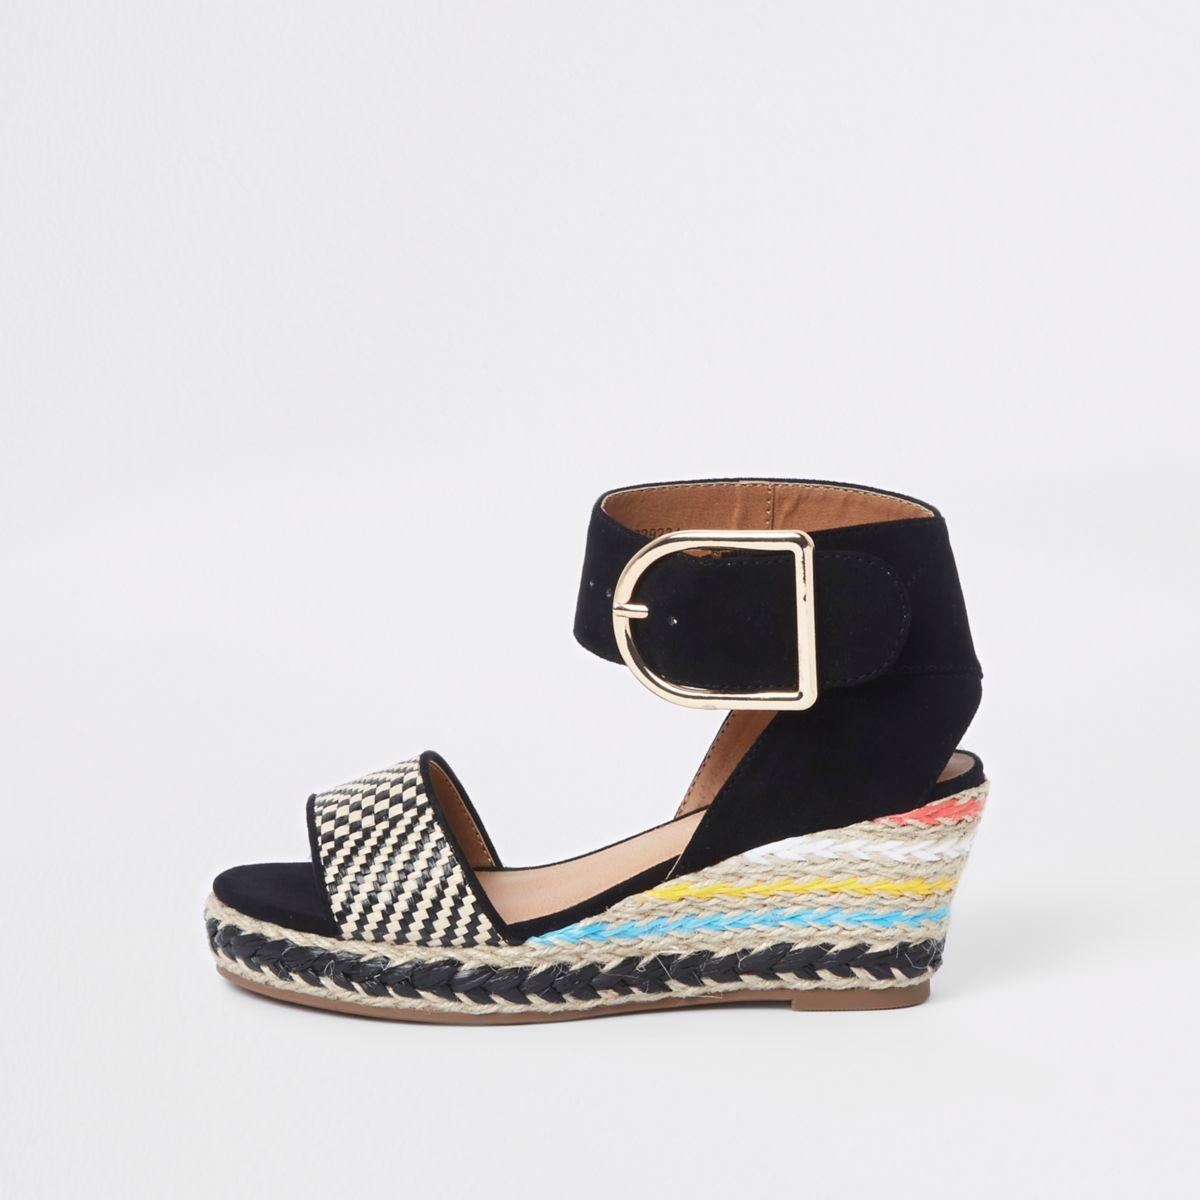 Girls black espadrille wedge sandals